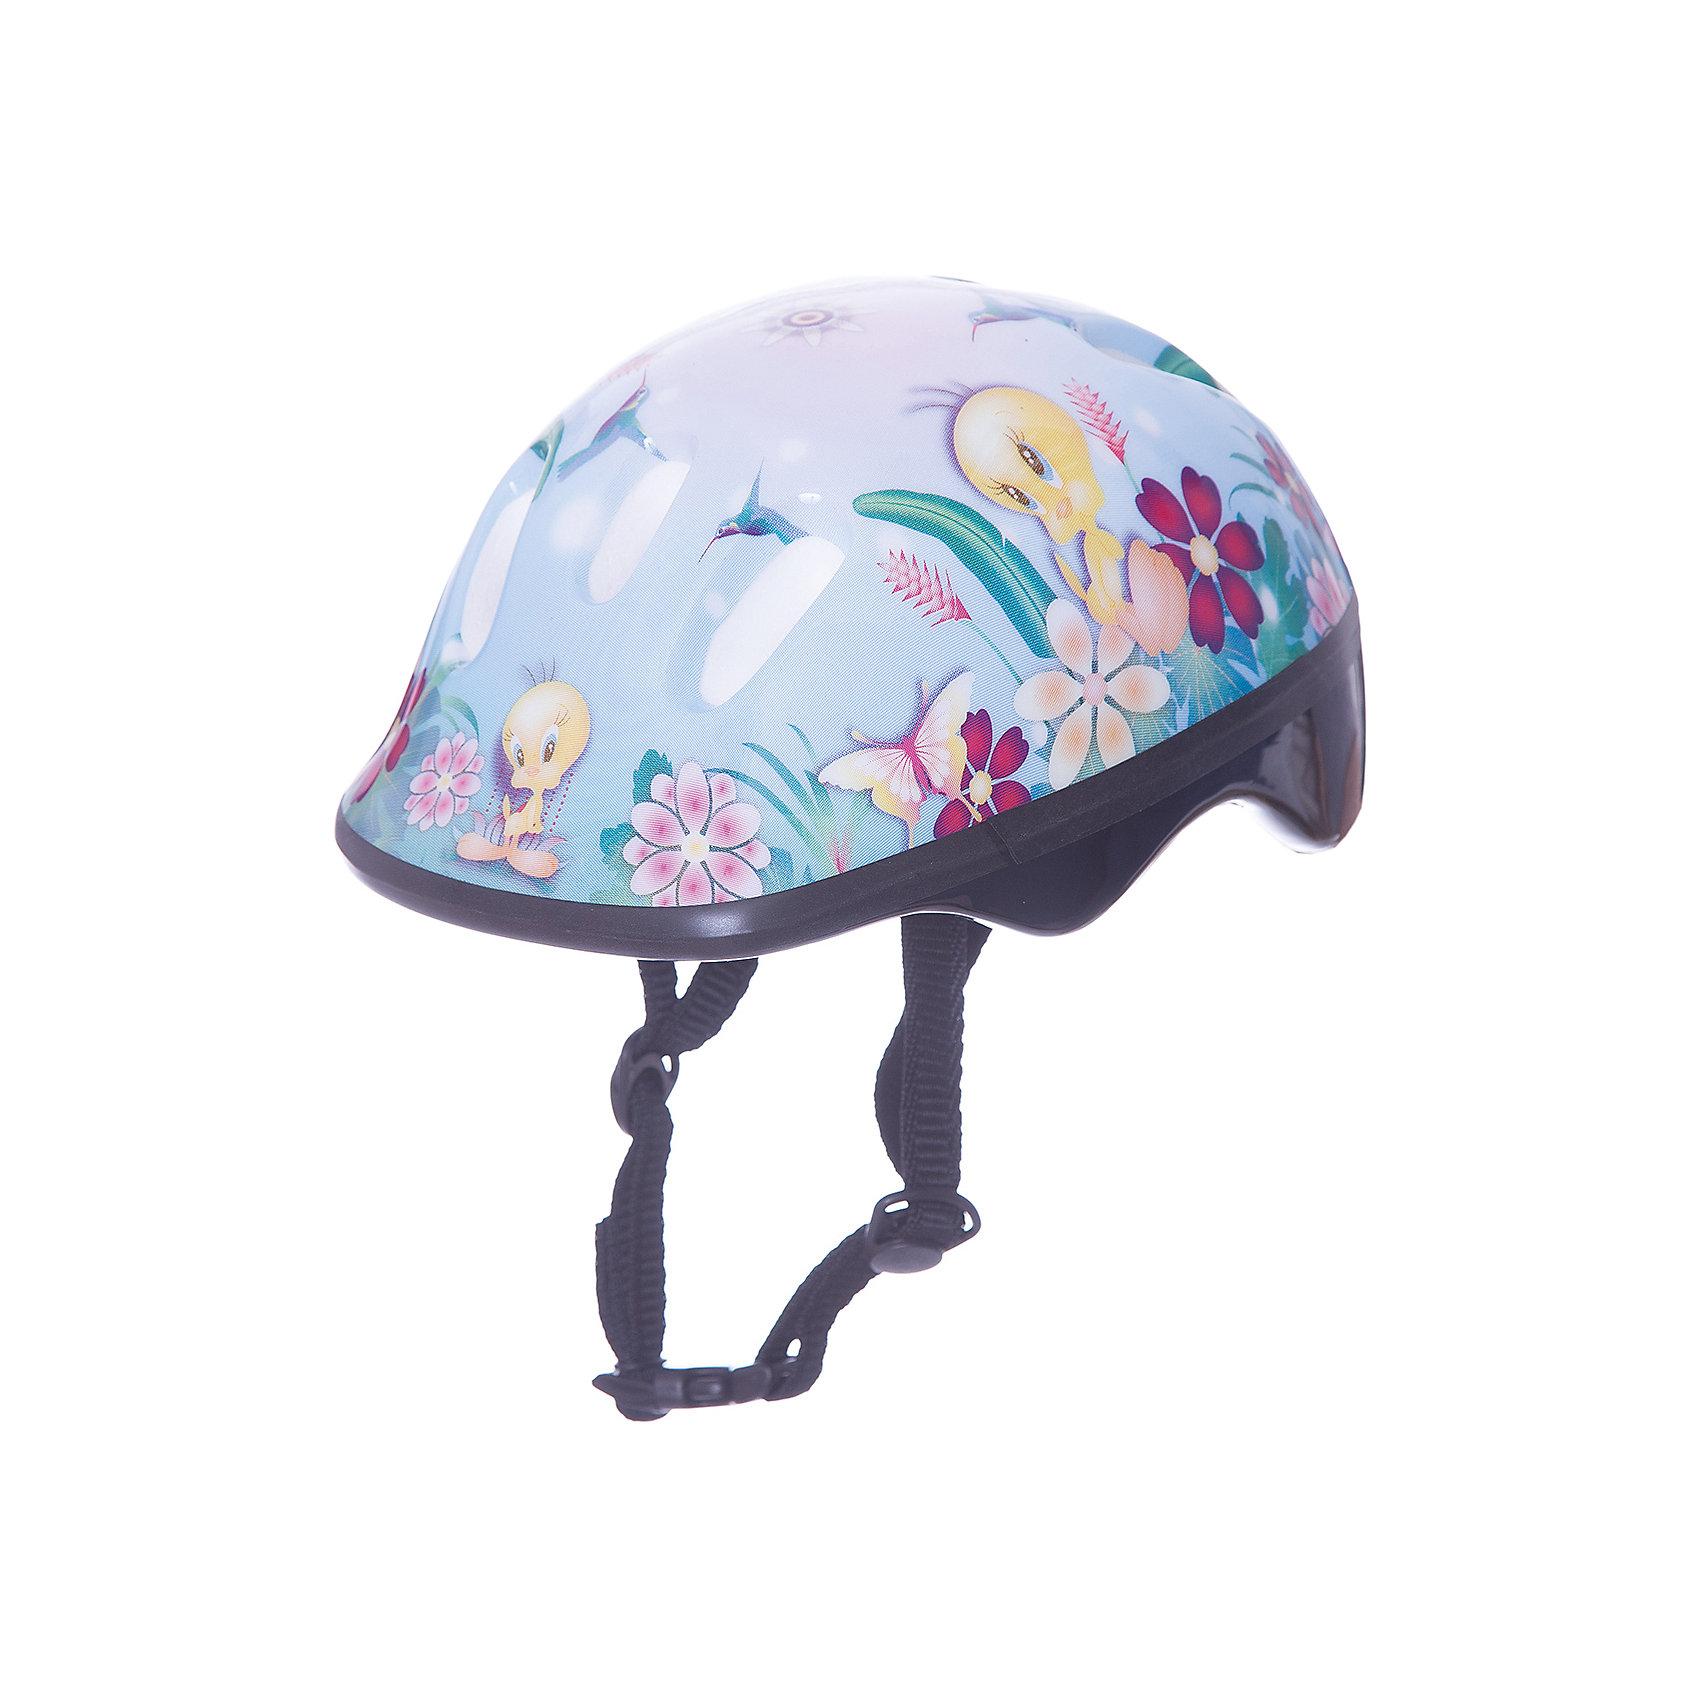 Шлем ТВИТТИ разм.S, ЛетоЗащита, шлемы<br>Шлем ТВИТТИ предназначен для девочек, любящих прогулки на велосипеде или роликовых коньках. Модель изготовлена из прочного ударостойкого пластика и плотно прилегает к голове. Верх шлема украшен яркой картинкой с цветами, бабочками и птичкой Твитти. Этот шлем несомненно вызовет восторг у любительницы активного отдыха!<br><br>Дополнительная информация:<br>Размер: S<br>Материал: пластик<br>Размер упаковки: 25х19х13 см<br>Вес: 318 грамм<br>Вы можете купить шлем ТВИТТИ в нашем интернет-магазине.<br><br>Ширина мм: 500<br>Глубина мм: 500<br>Высота мм: 500<br>Вес г: 318<br>Возраст от месяцев: 36<br>Возраст до месяцев: 192<br>Пол: Унисекс<br>Возраст: Детский<br>SKU: 4753613